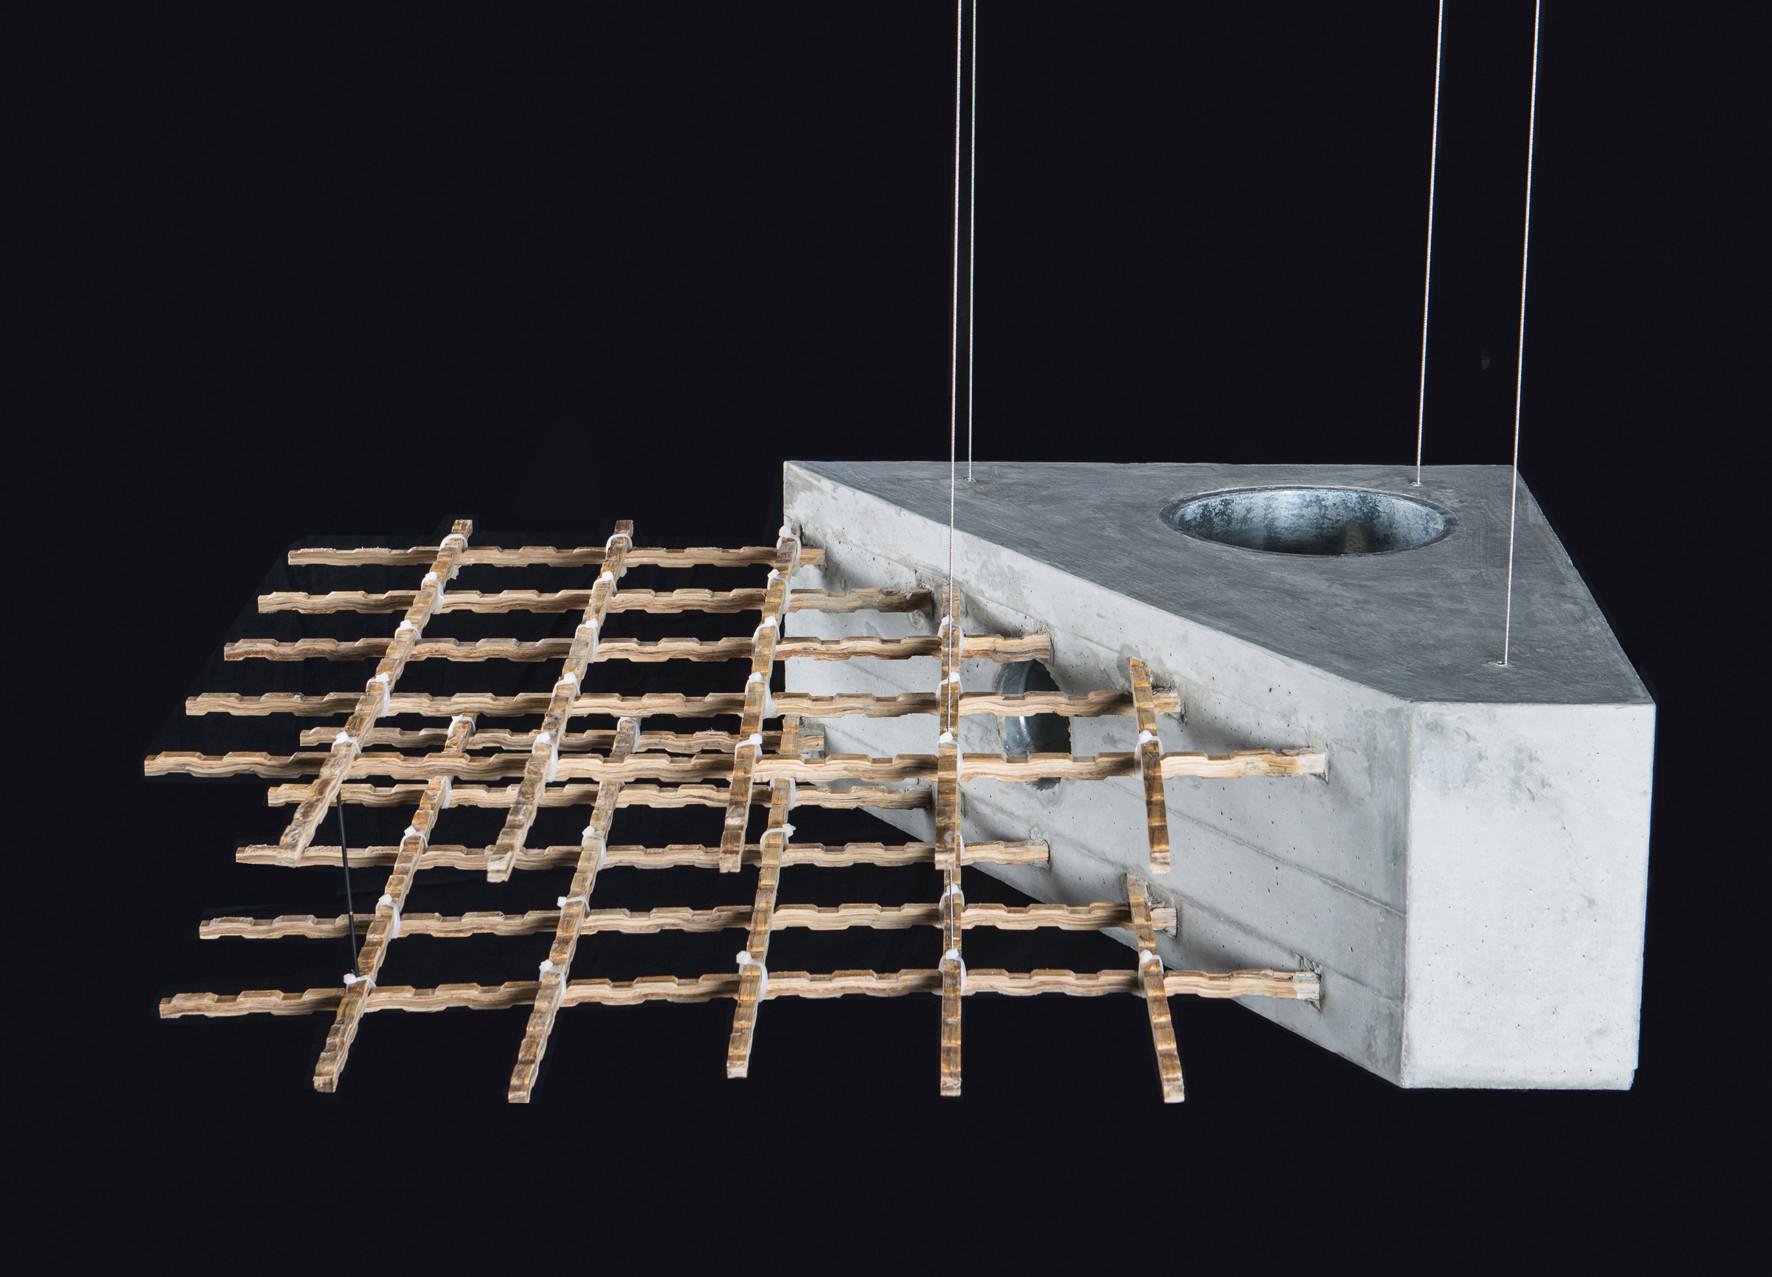 Bambú: ¿Una alternativa viable para reforzar el concreto?